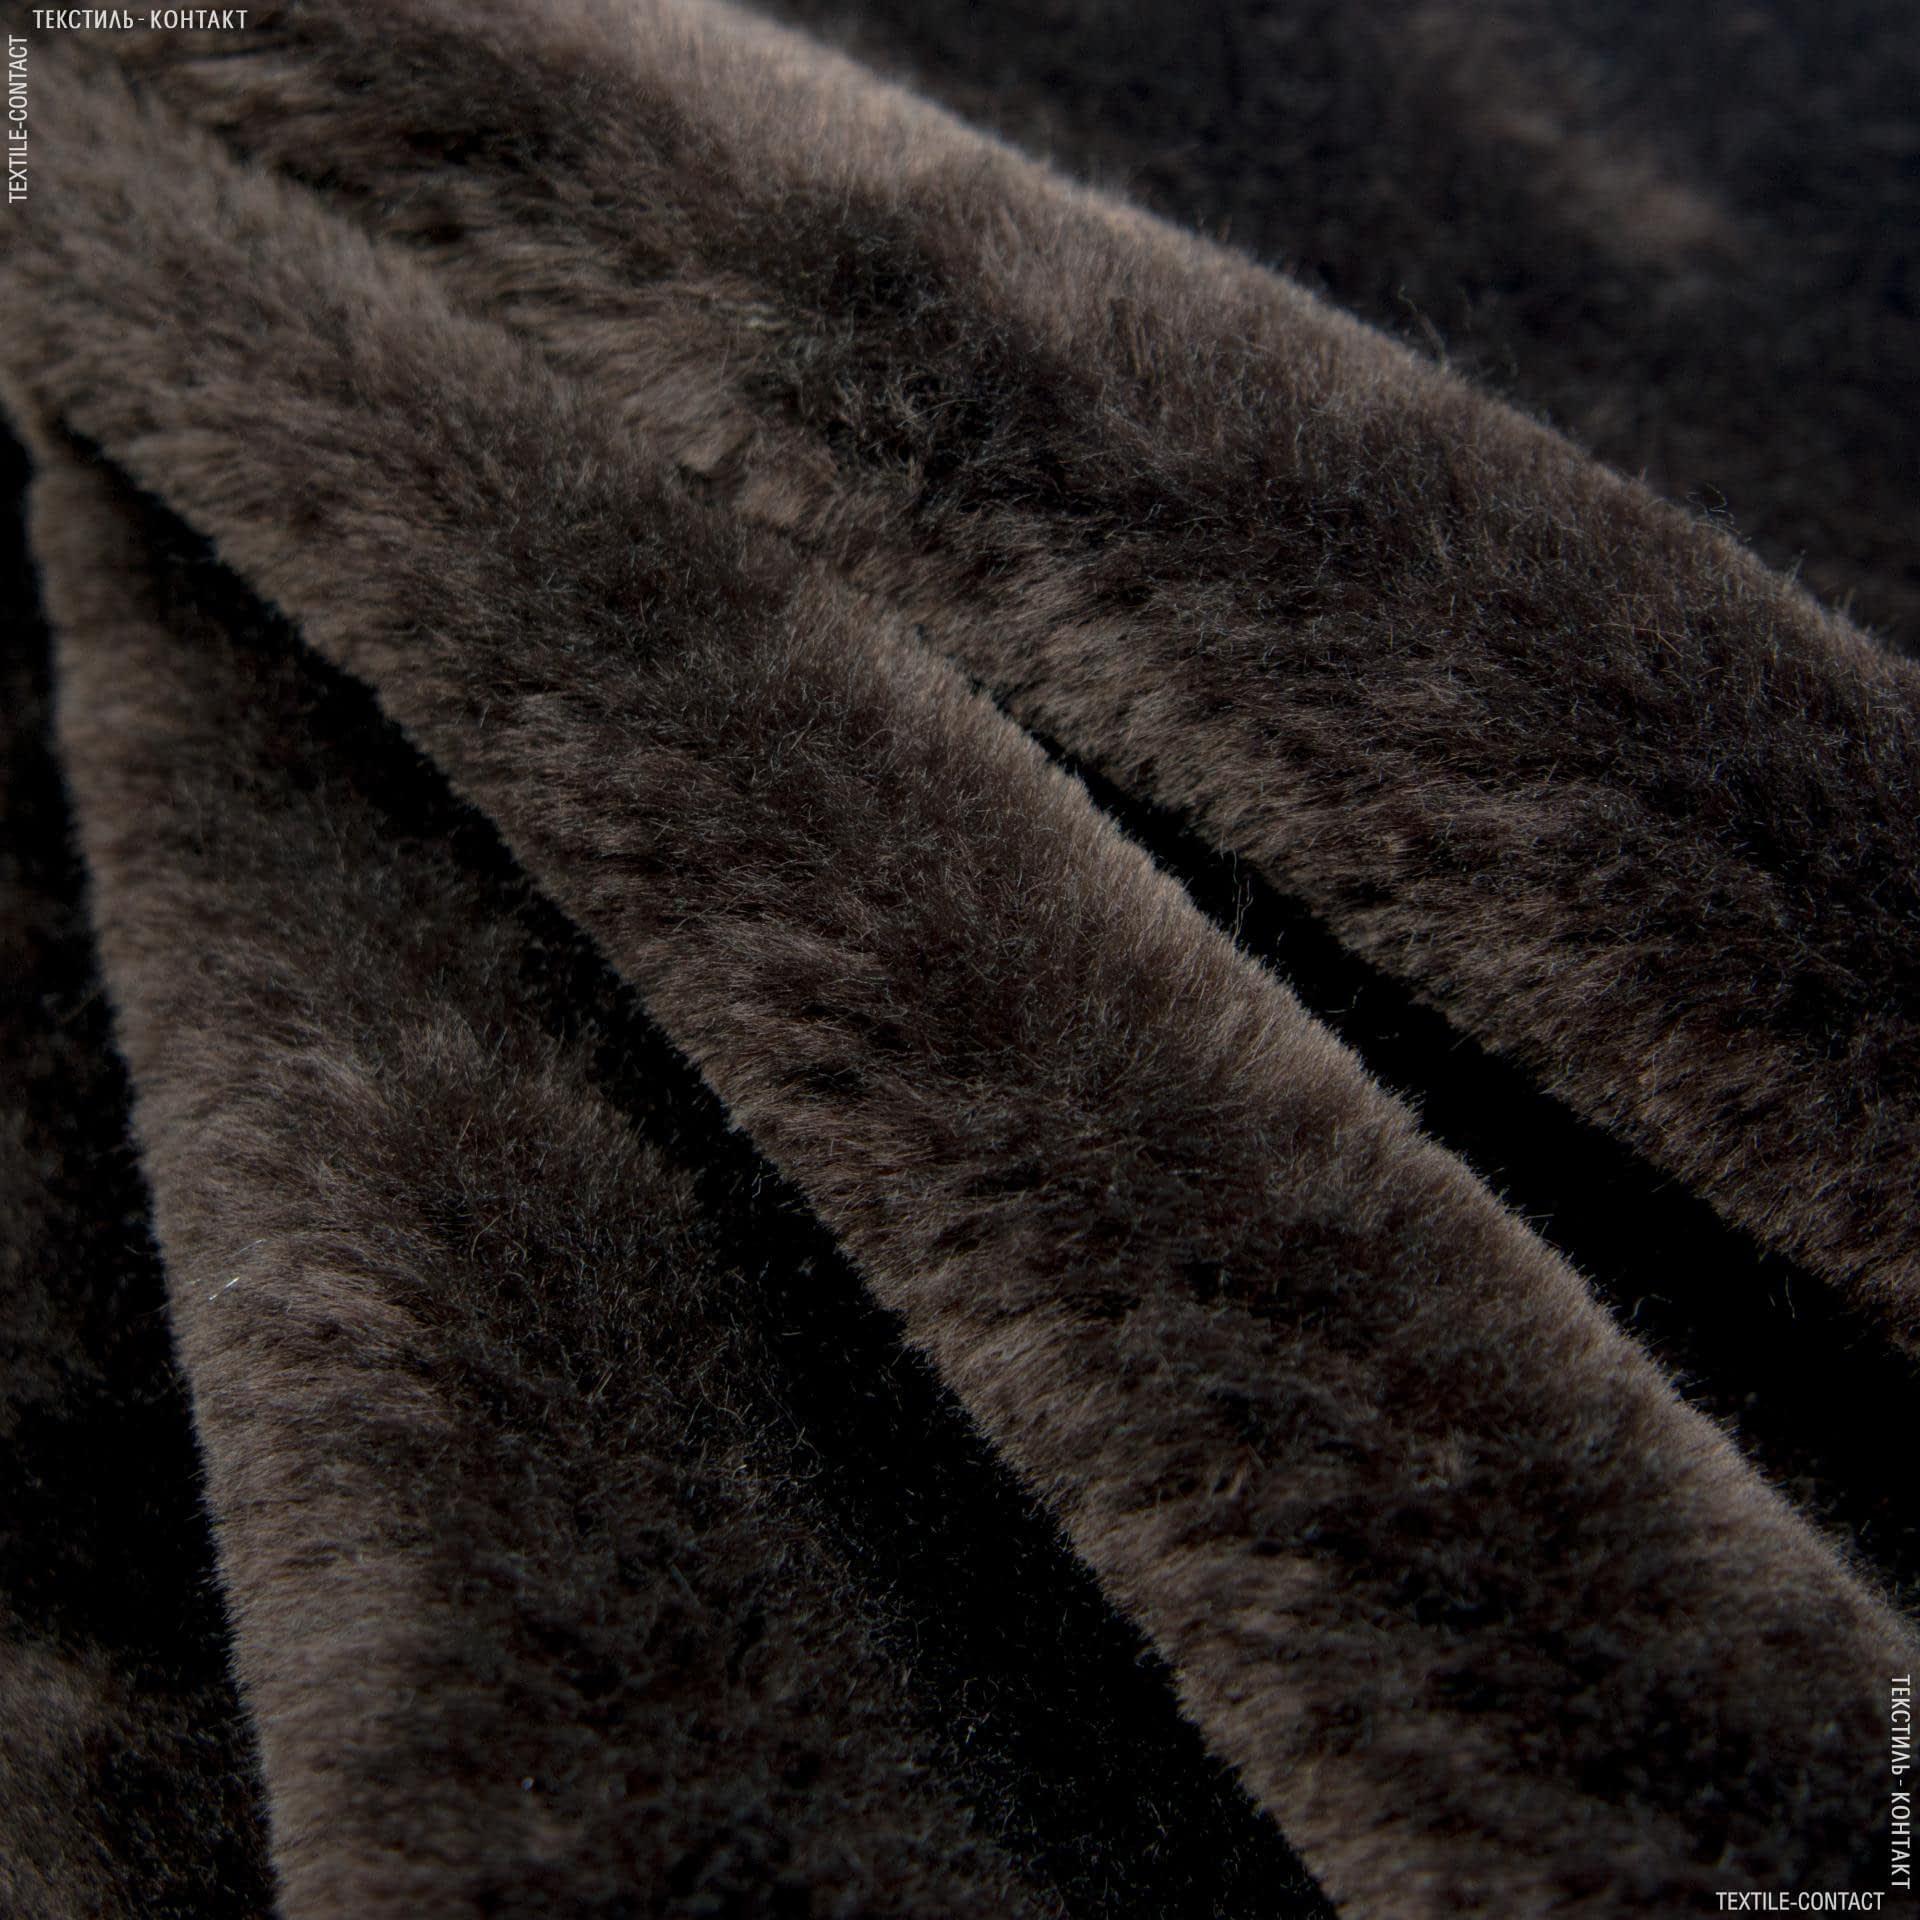 Ткани для мягких игрушек - Мех искусственный коричневый